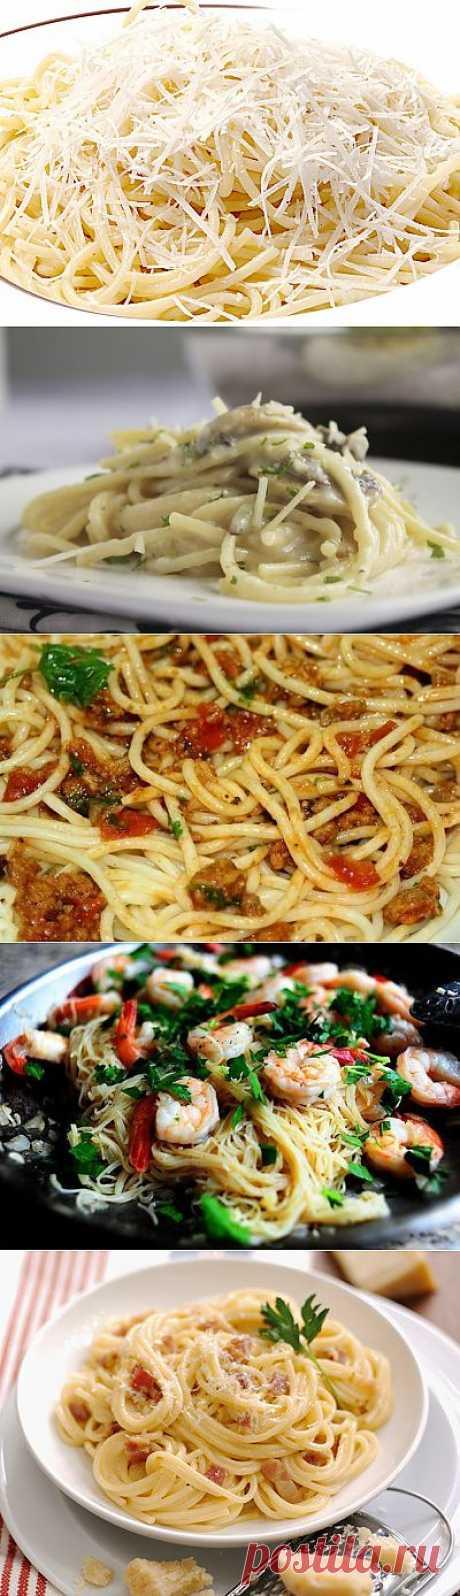 Спагетти с сыром - 5 рецептов с фото.